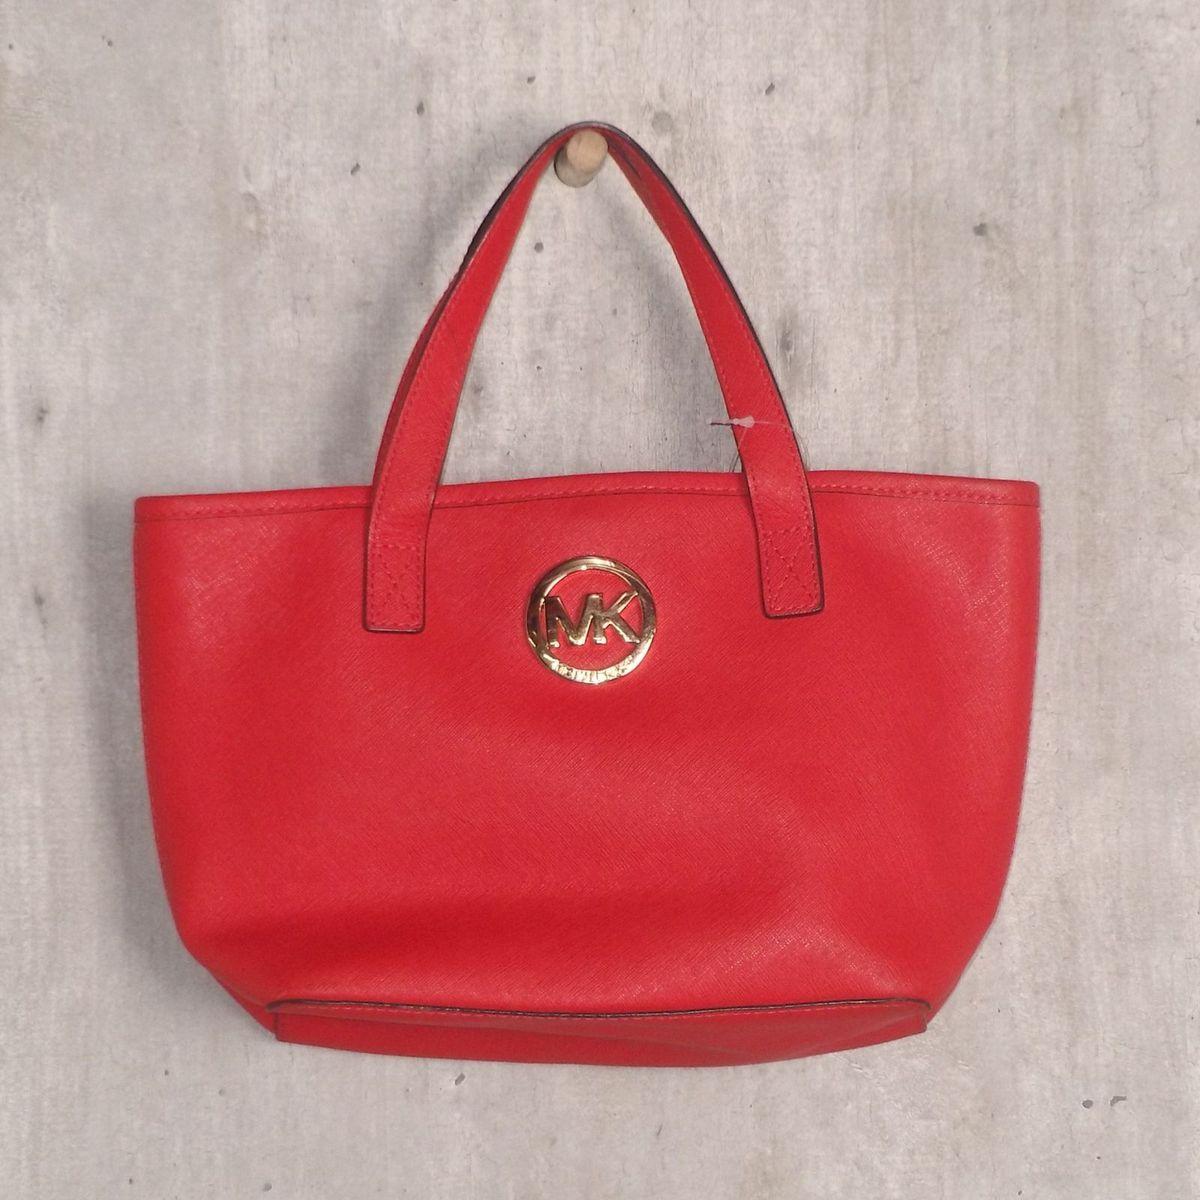 Bolsa Vermelha Michael Kors   Bolsa de mão Feminina Michael Kors ... 58349e0680